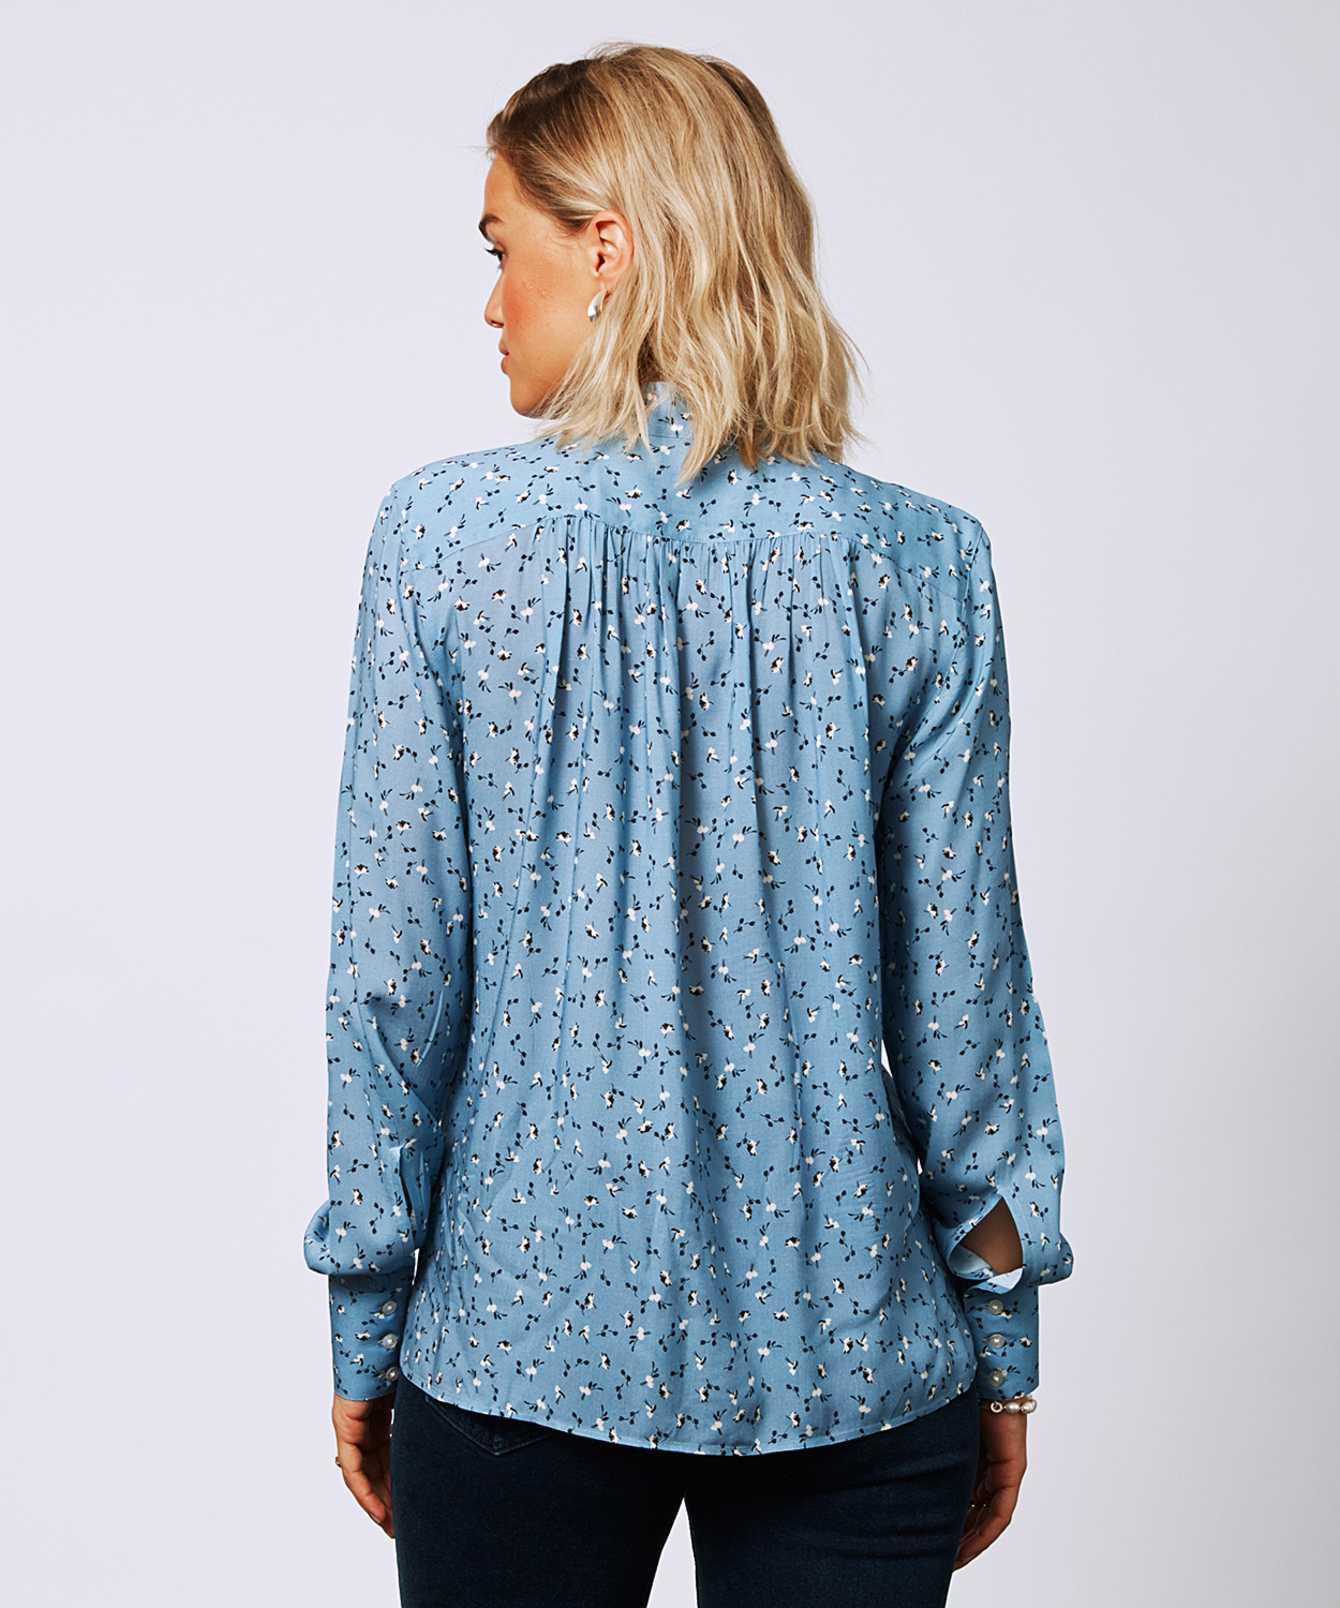 Skjorta Sofia Floret  The Shirt Factory